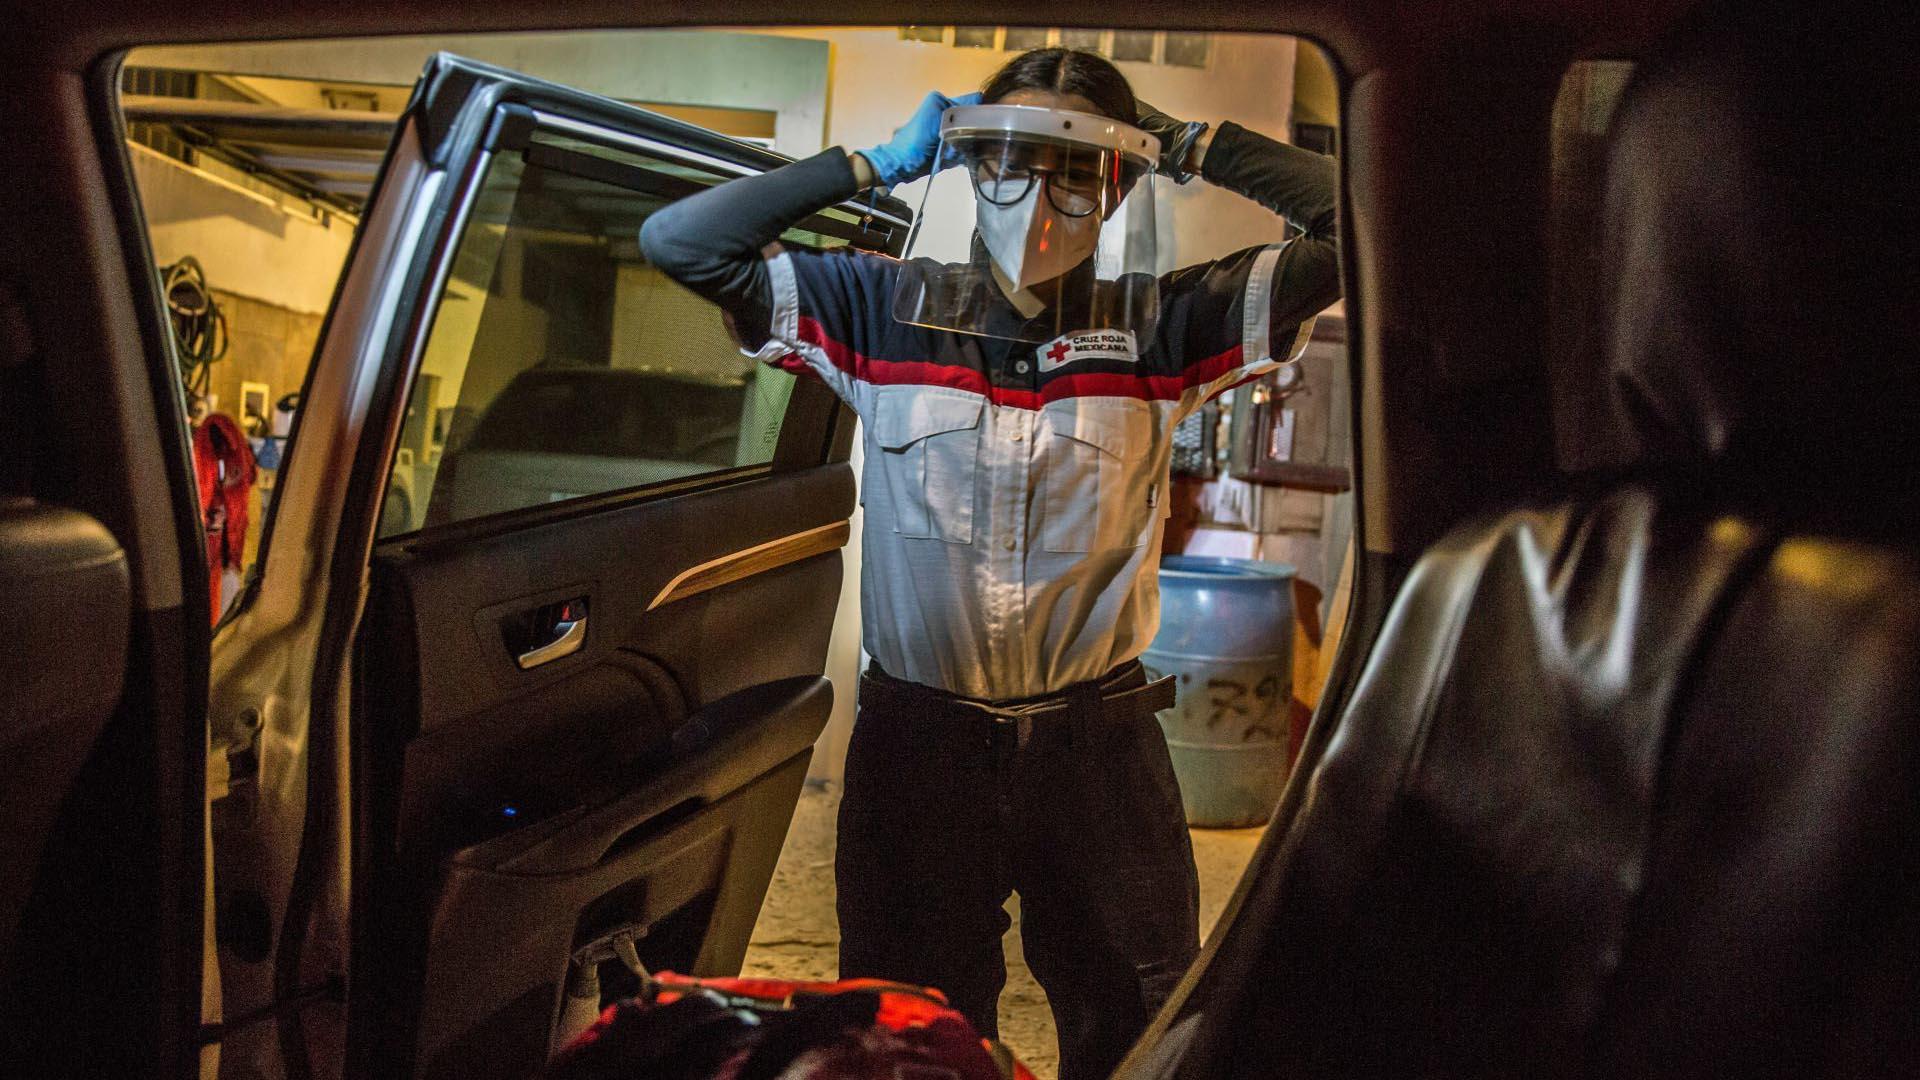 Una mujer paramédico se prepara para entrar a un domicilio particular donde se encuentra una persona que presenta síntomas de COVID-19 (Foto: Cuartoscuro/Omar Martínez)